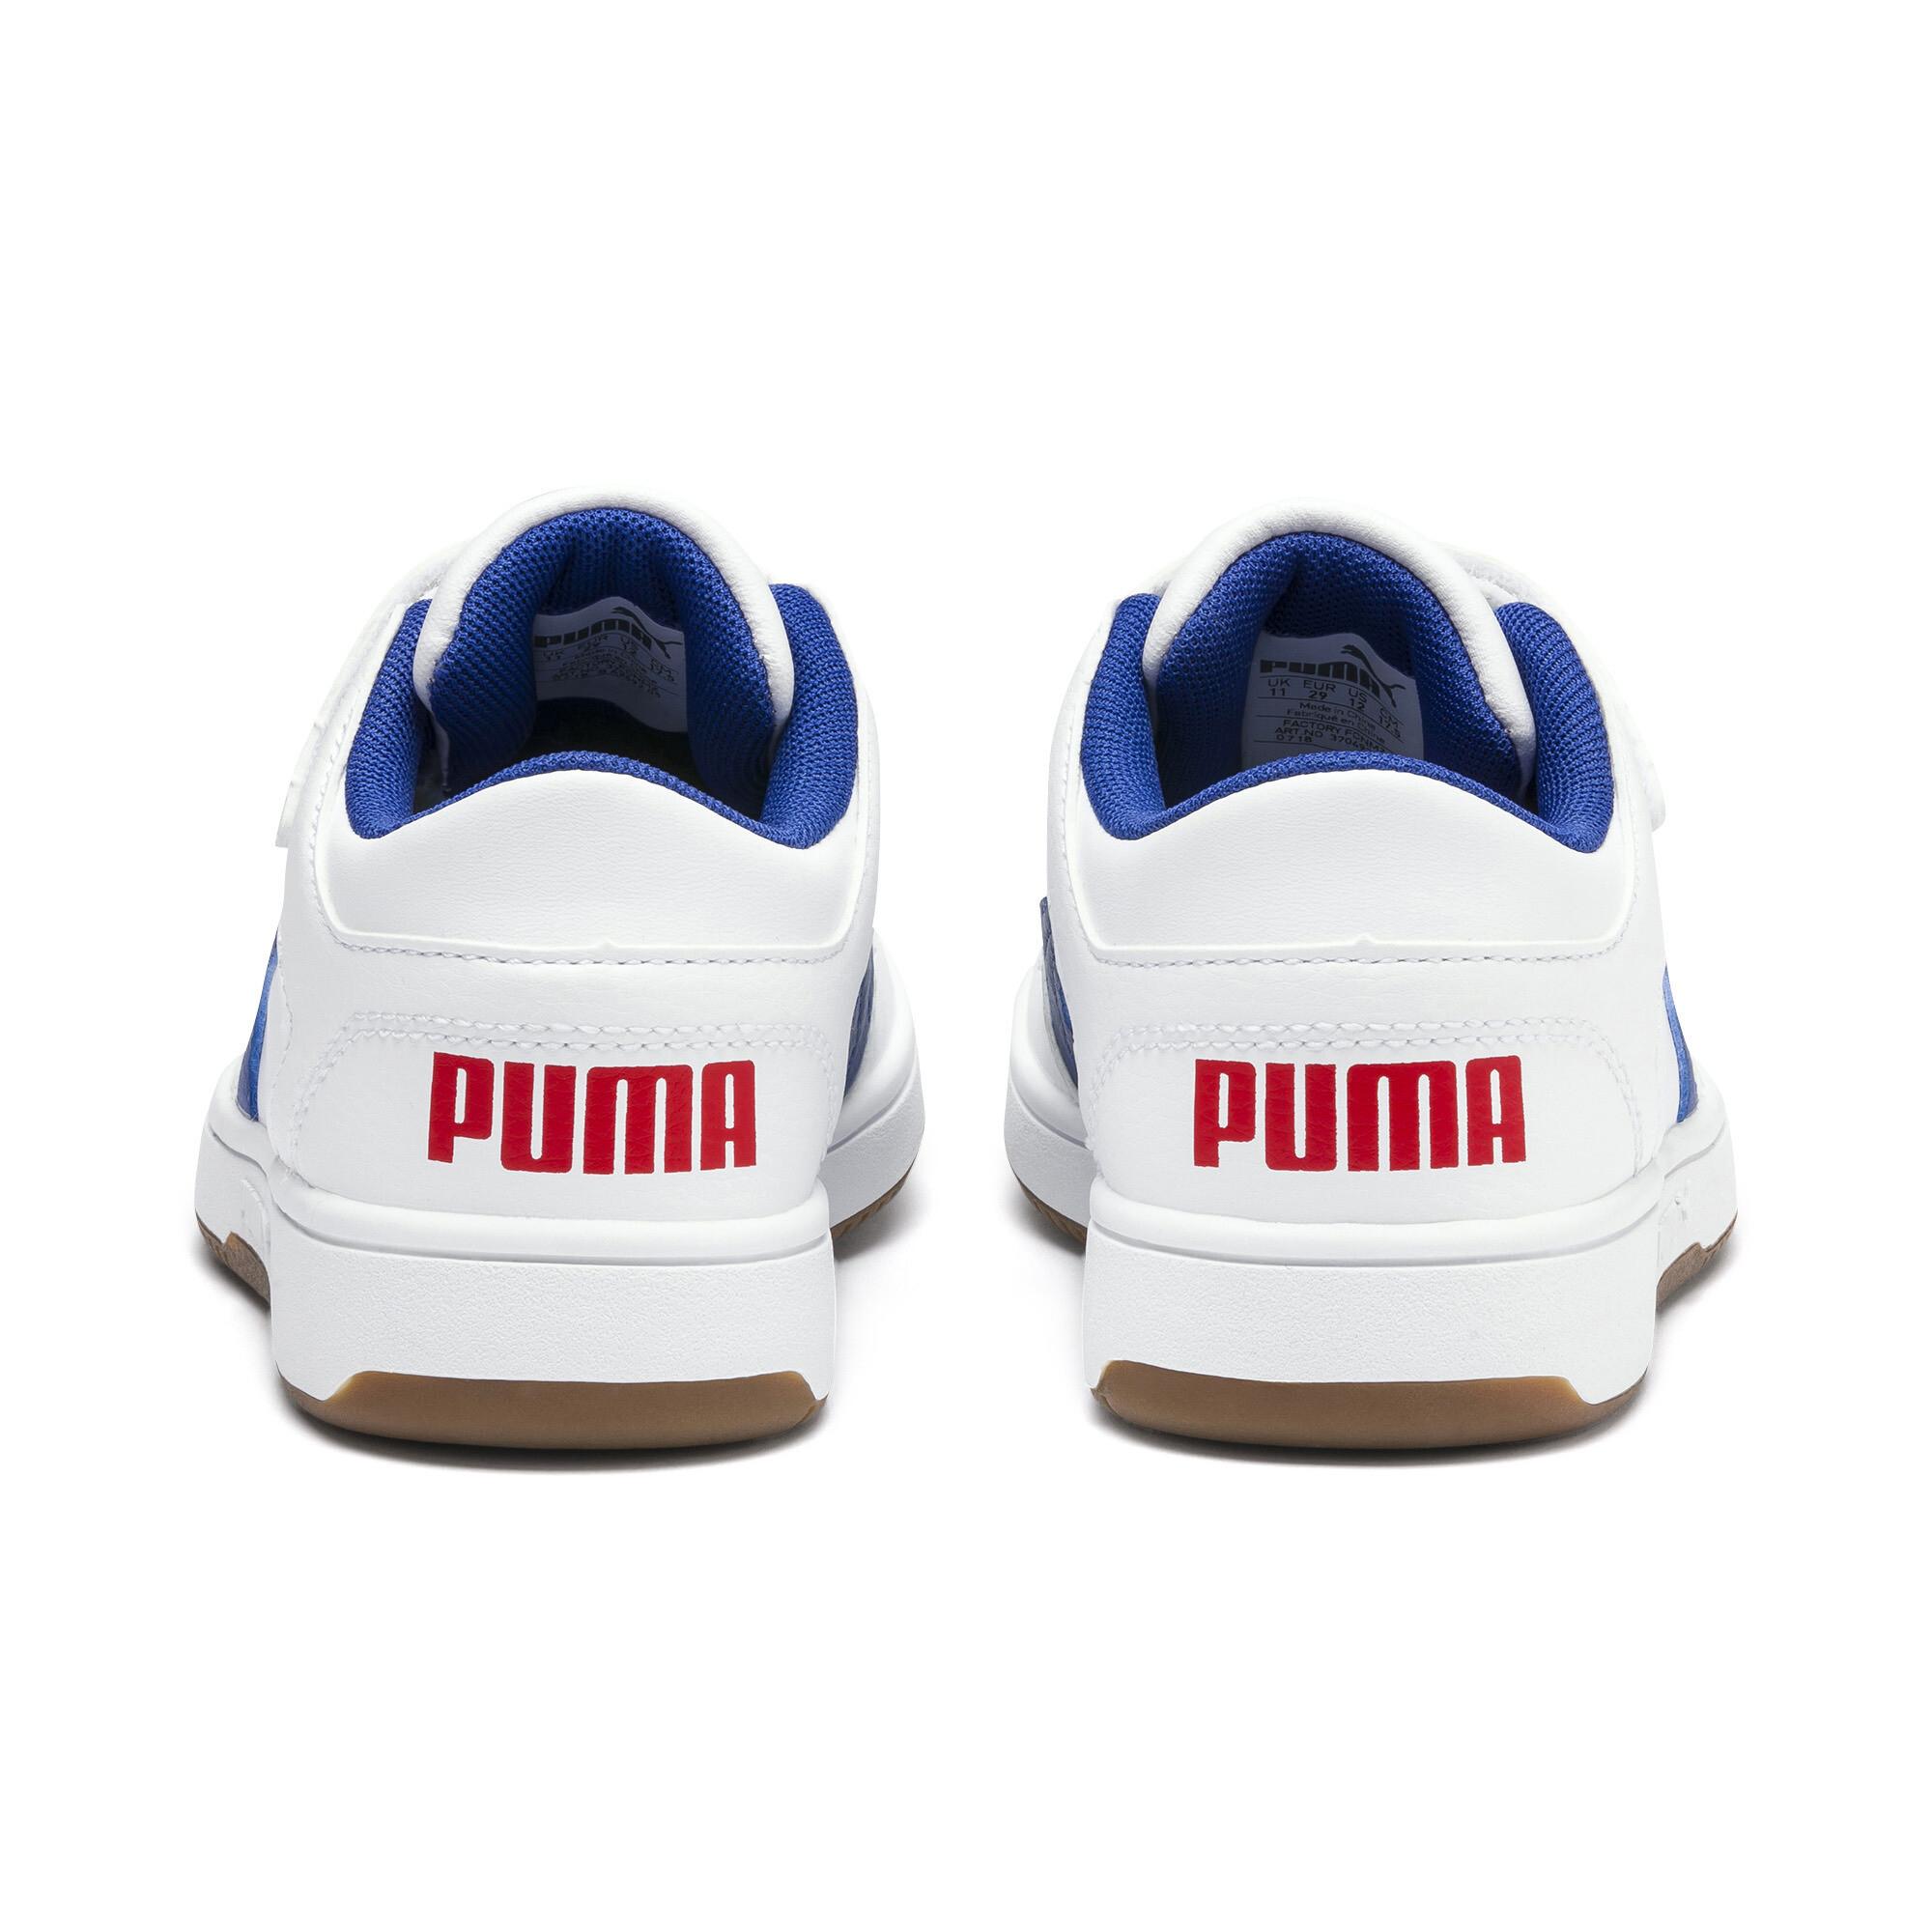 PUMA-PUMA-Rebound-LayUp-Lo-Little-Kids-039-Shoes-Boys-Shoe-Kids thumbnail 21